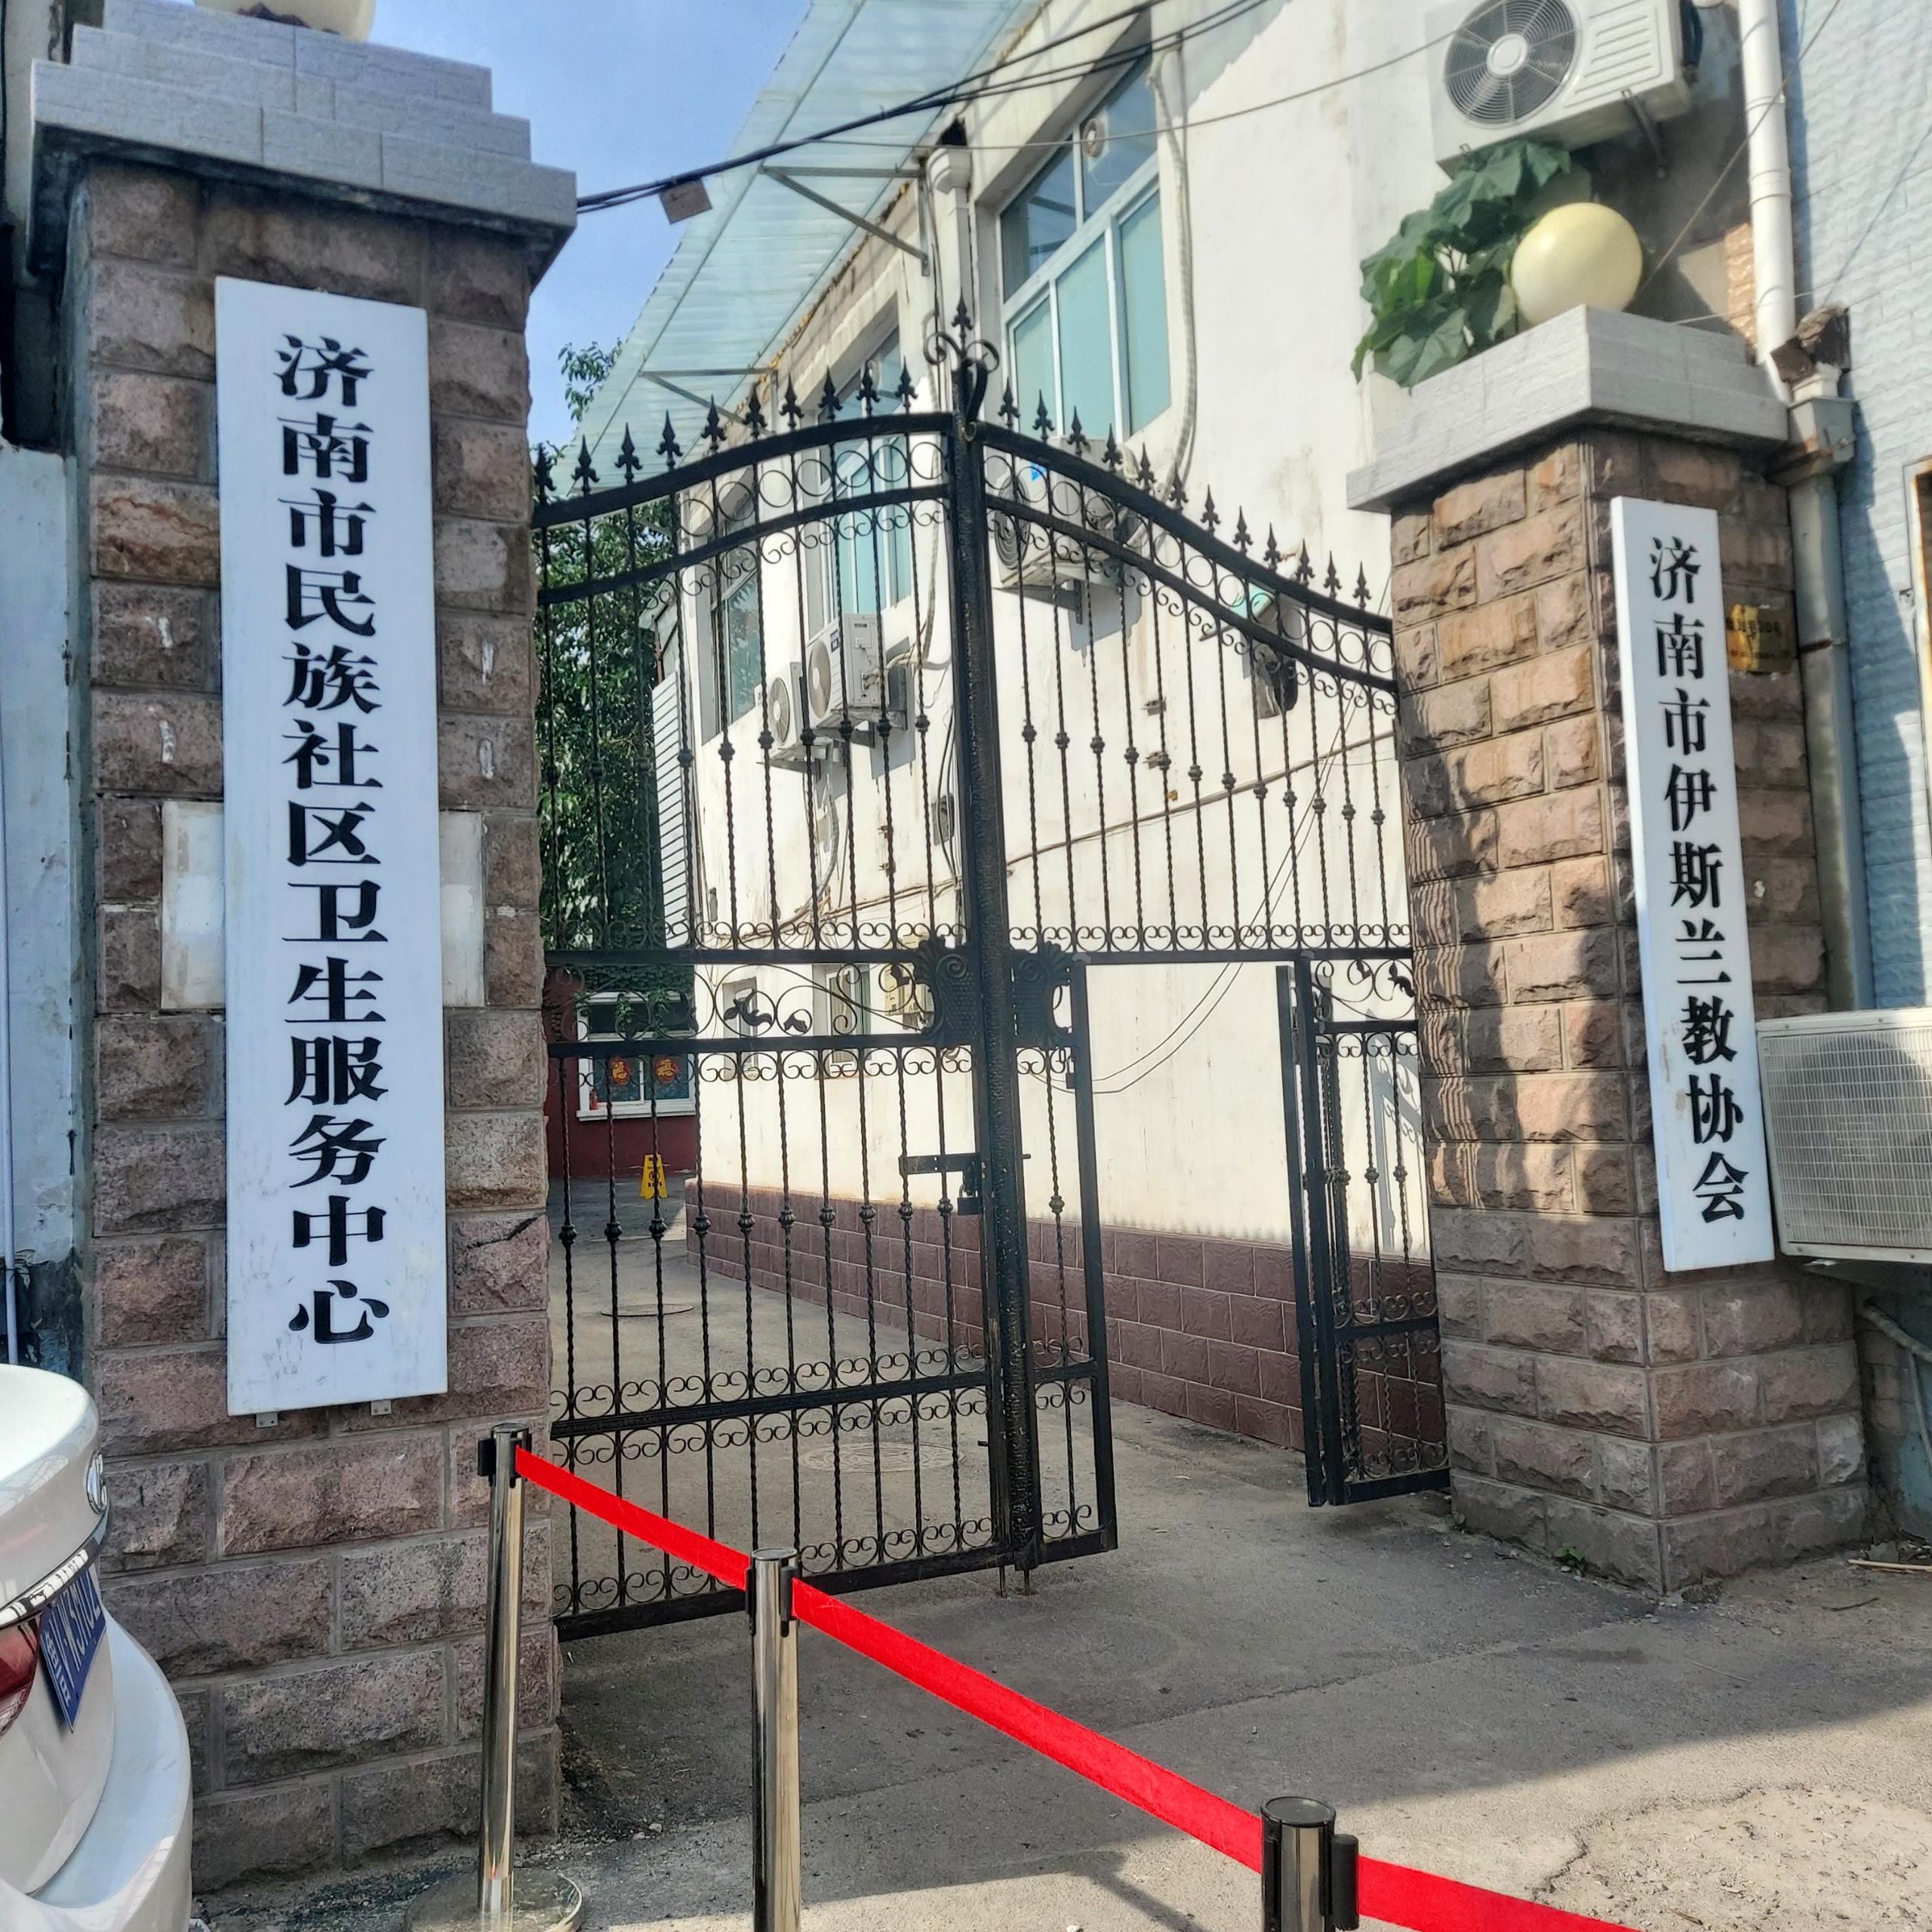 6.30超声波骨密度分析仪器厂家为济南市民族医院供货